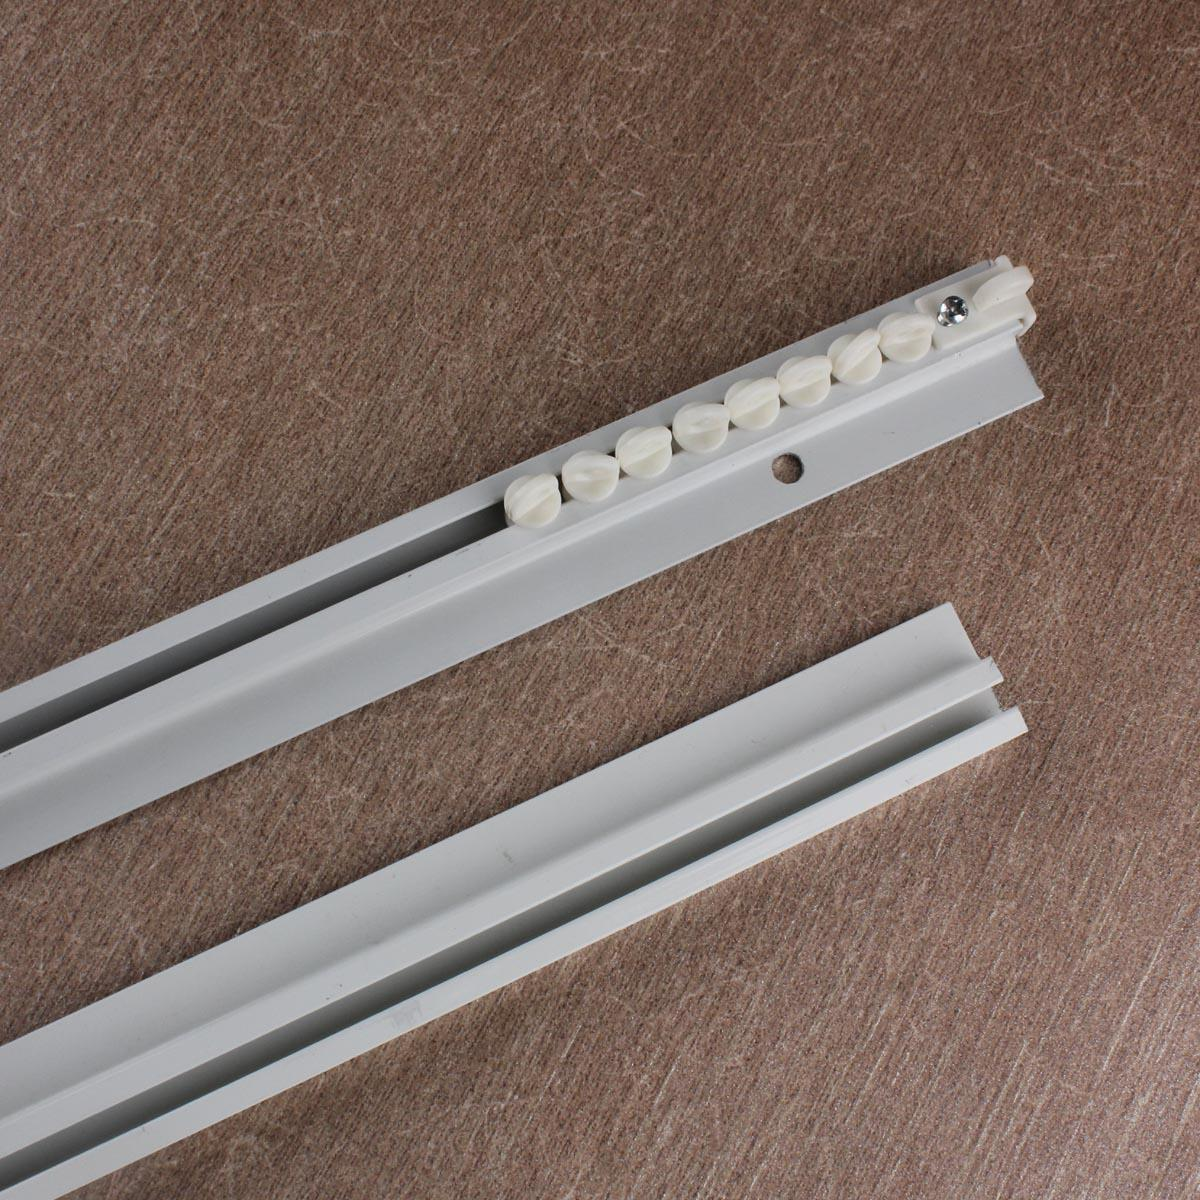 0.8cm超薄窗帘轨道内开窗飘窗直轨顶装单轨小轨道免打孔滑道滑轨